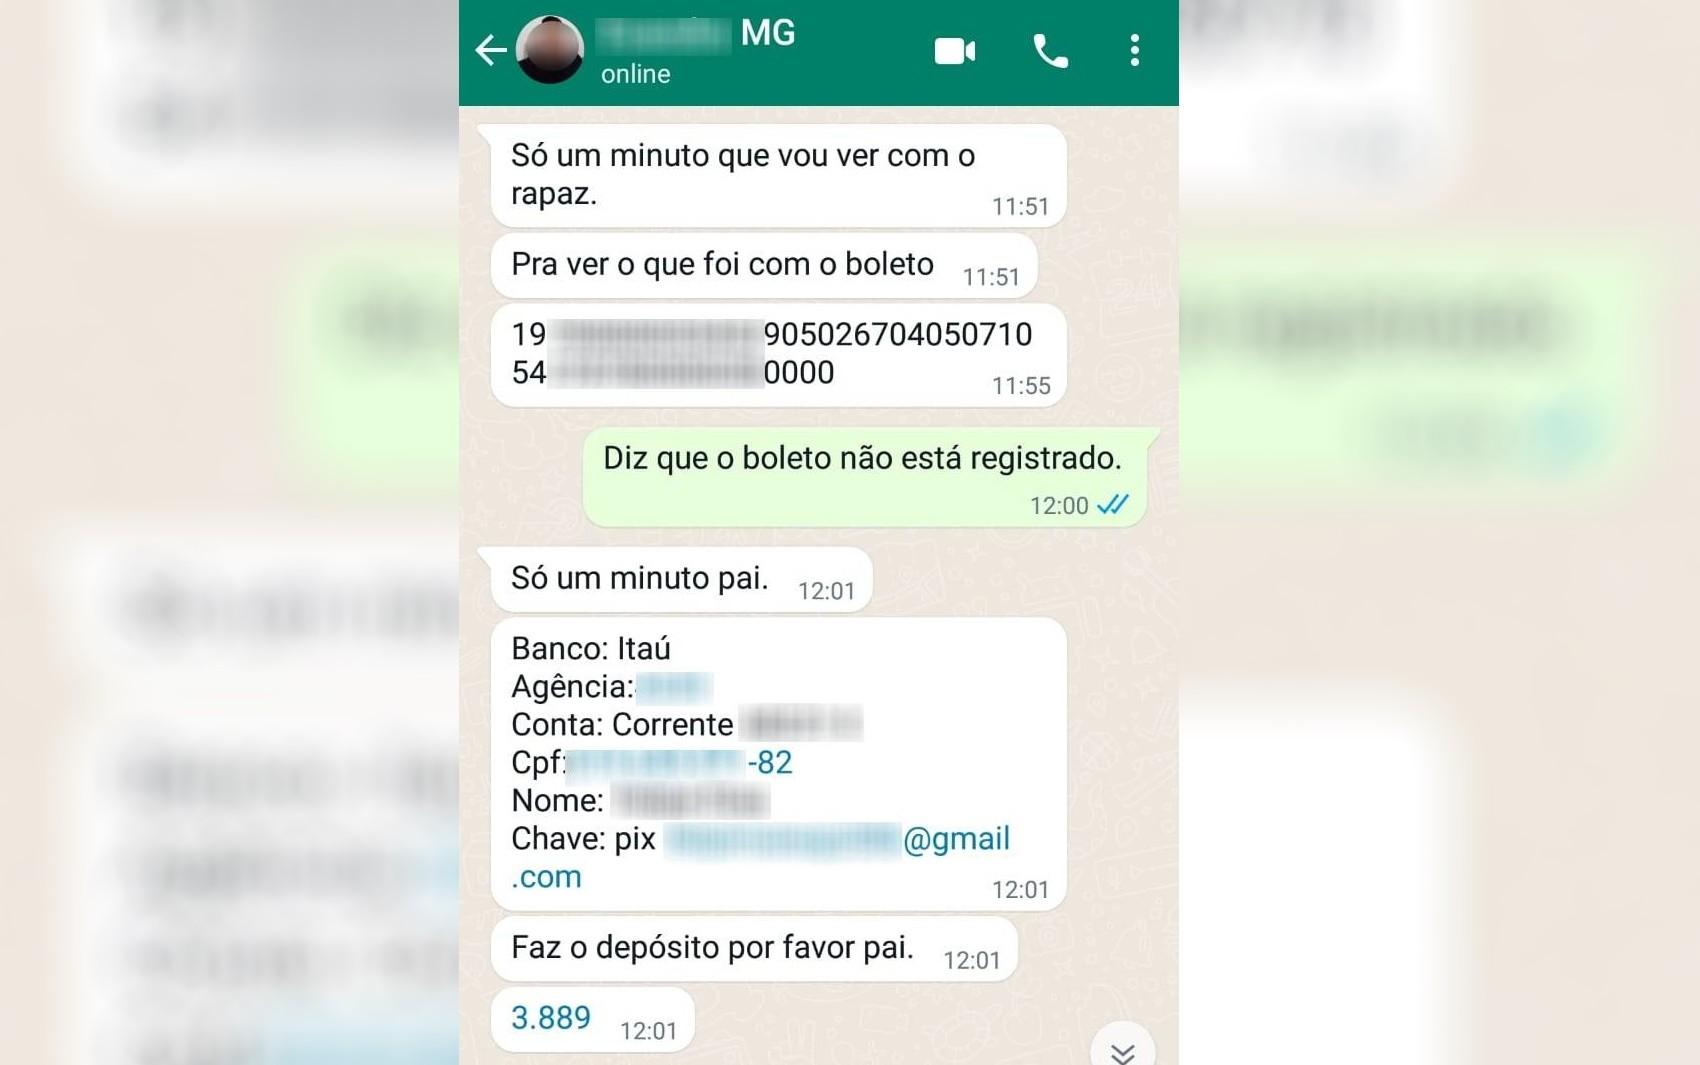 Homem é preso em Goiânia suspeito de se passar por irmão de jornalista de MG para aplicar golpe de quase R$ 4 mil no pai dela